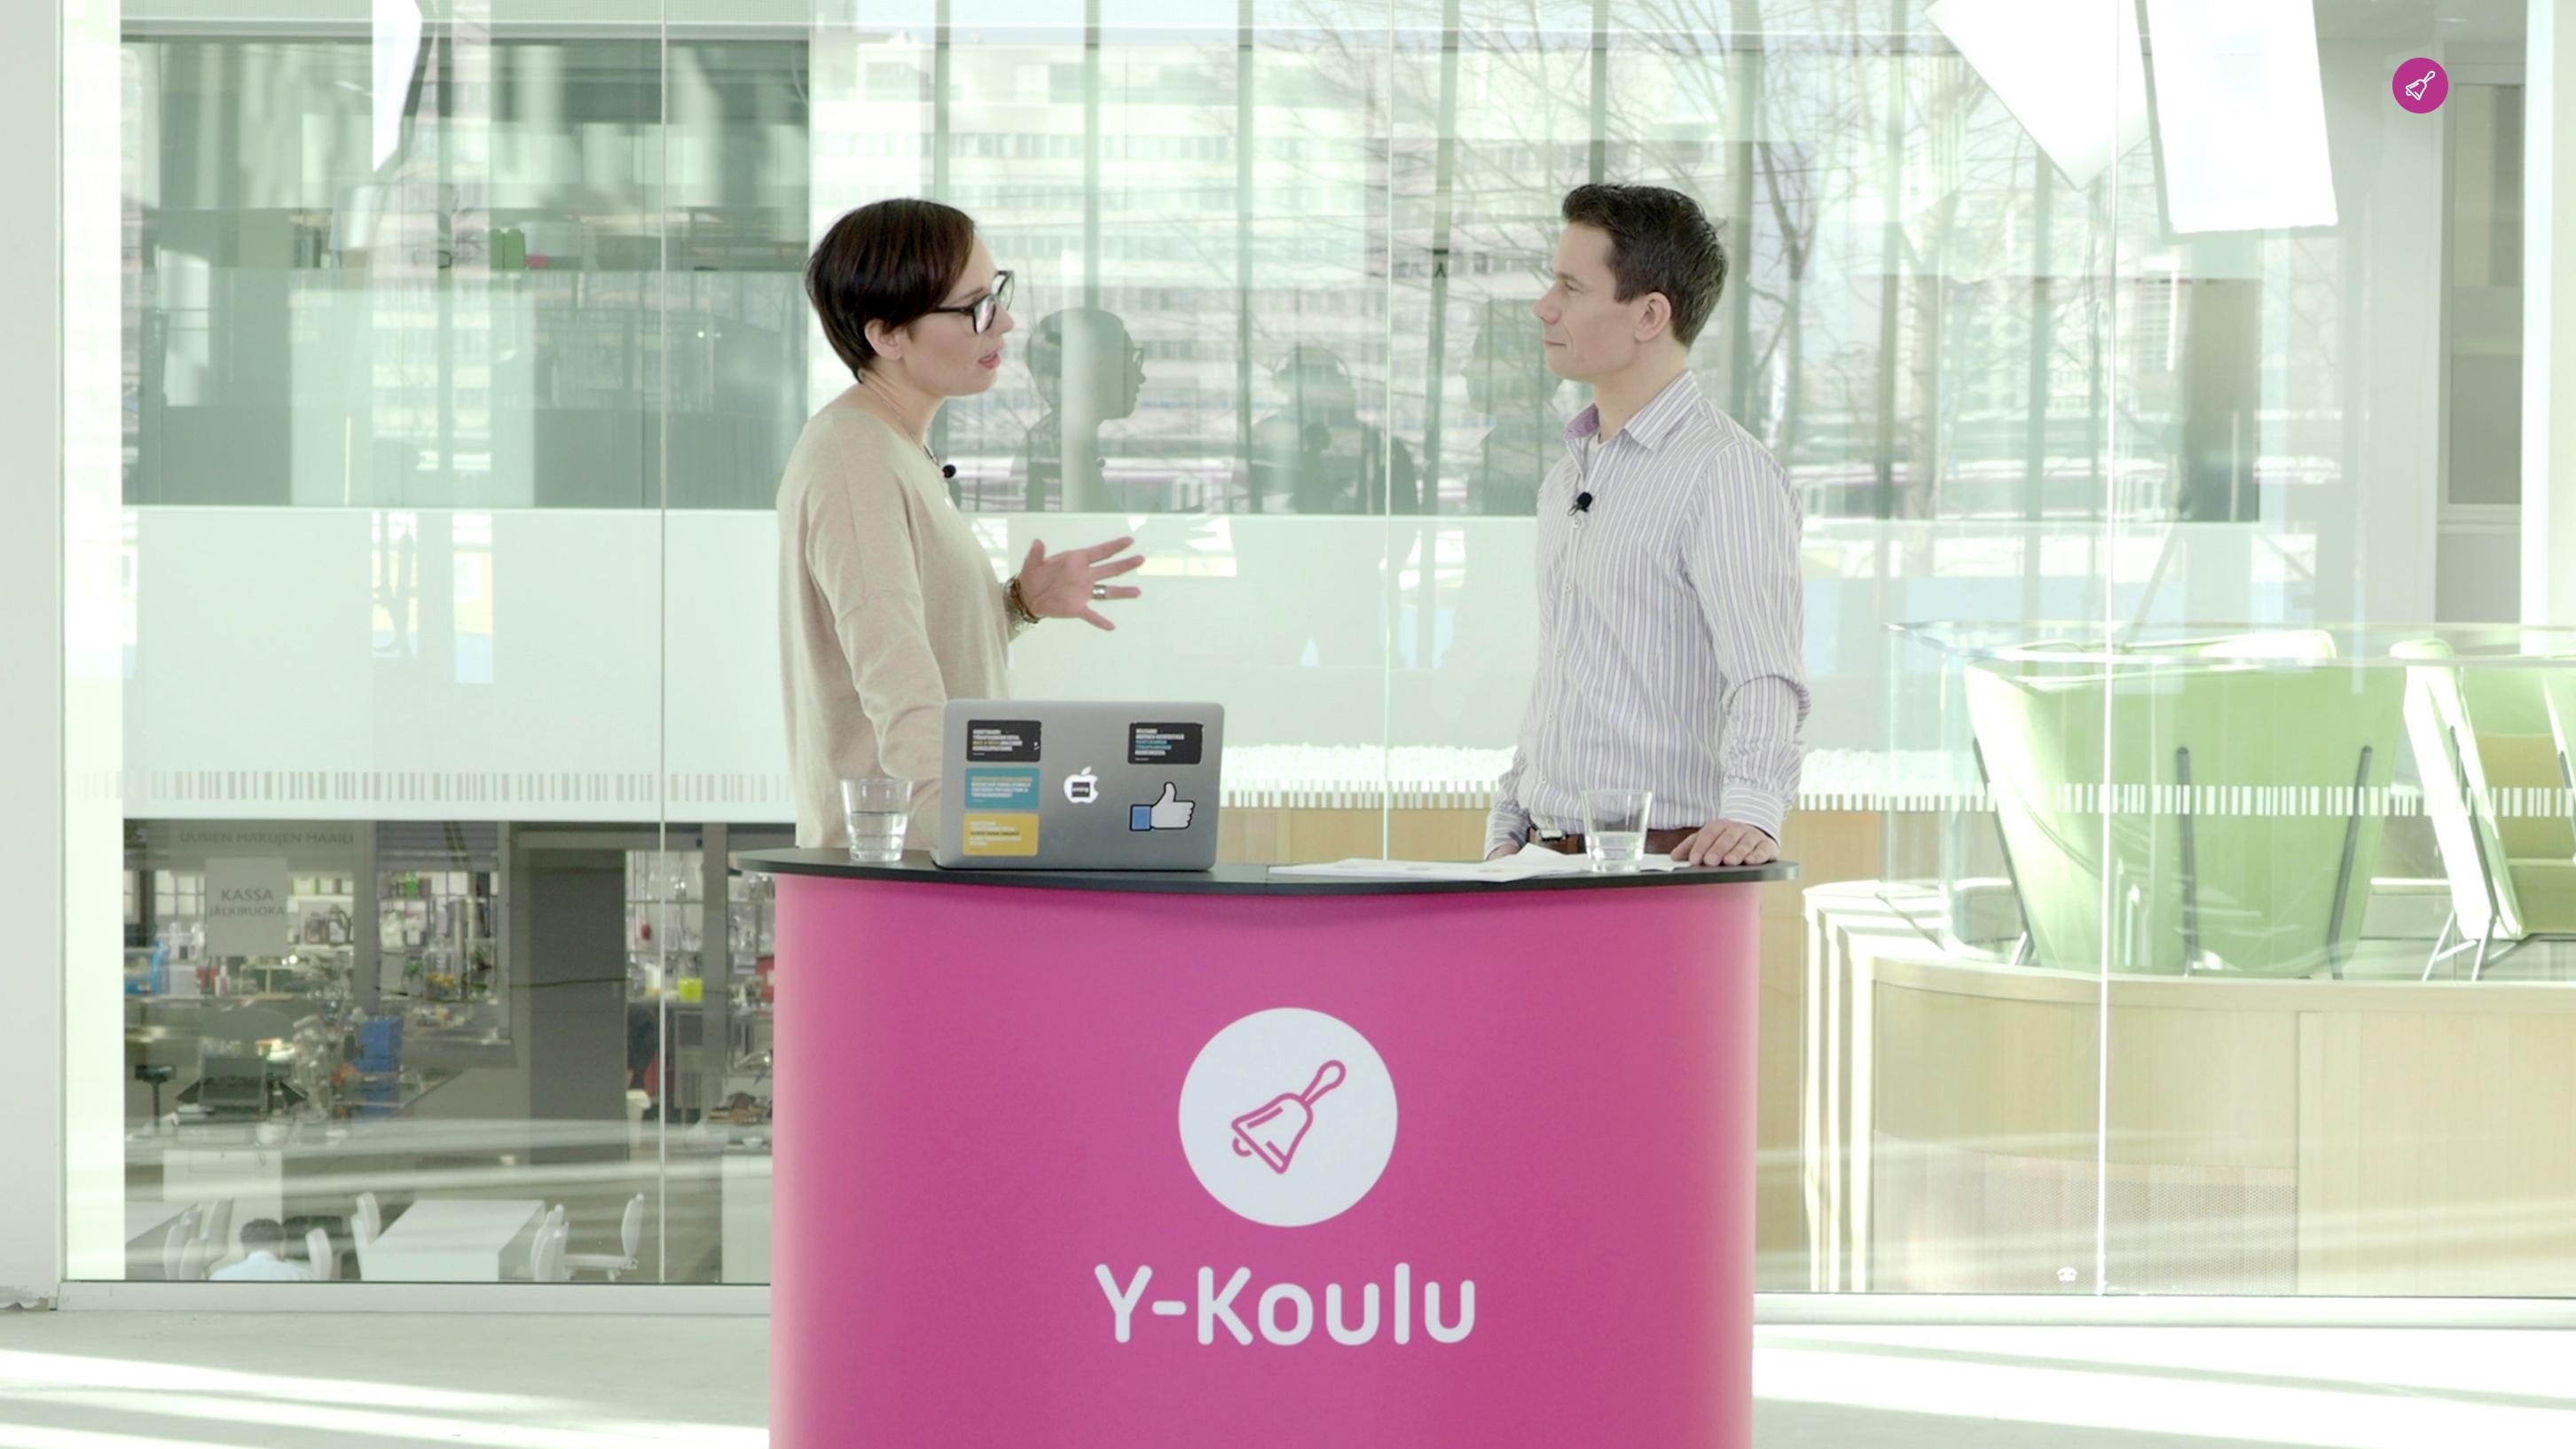 Palkkaatko työntekijää? Oikeat eväät lisäkäsiin – Katso video